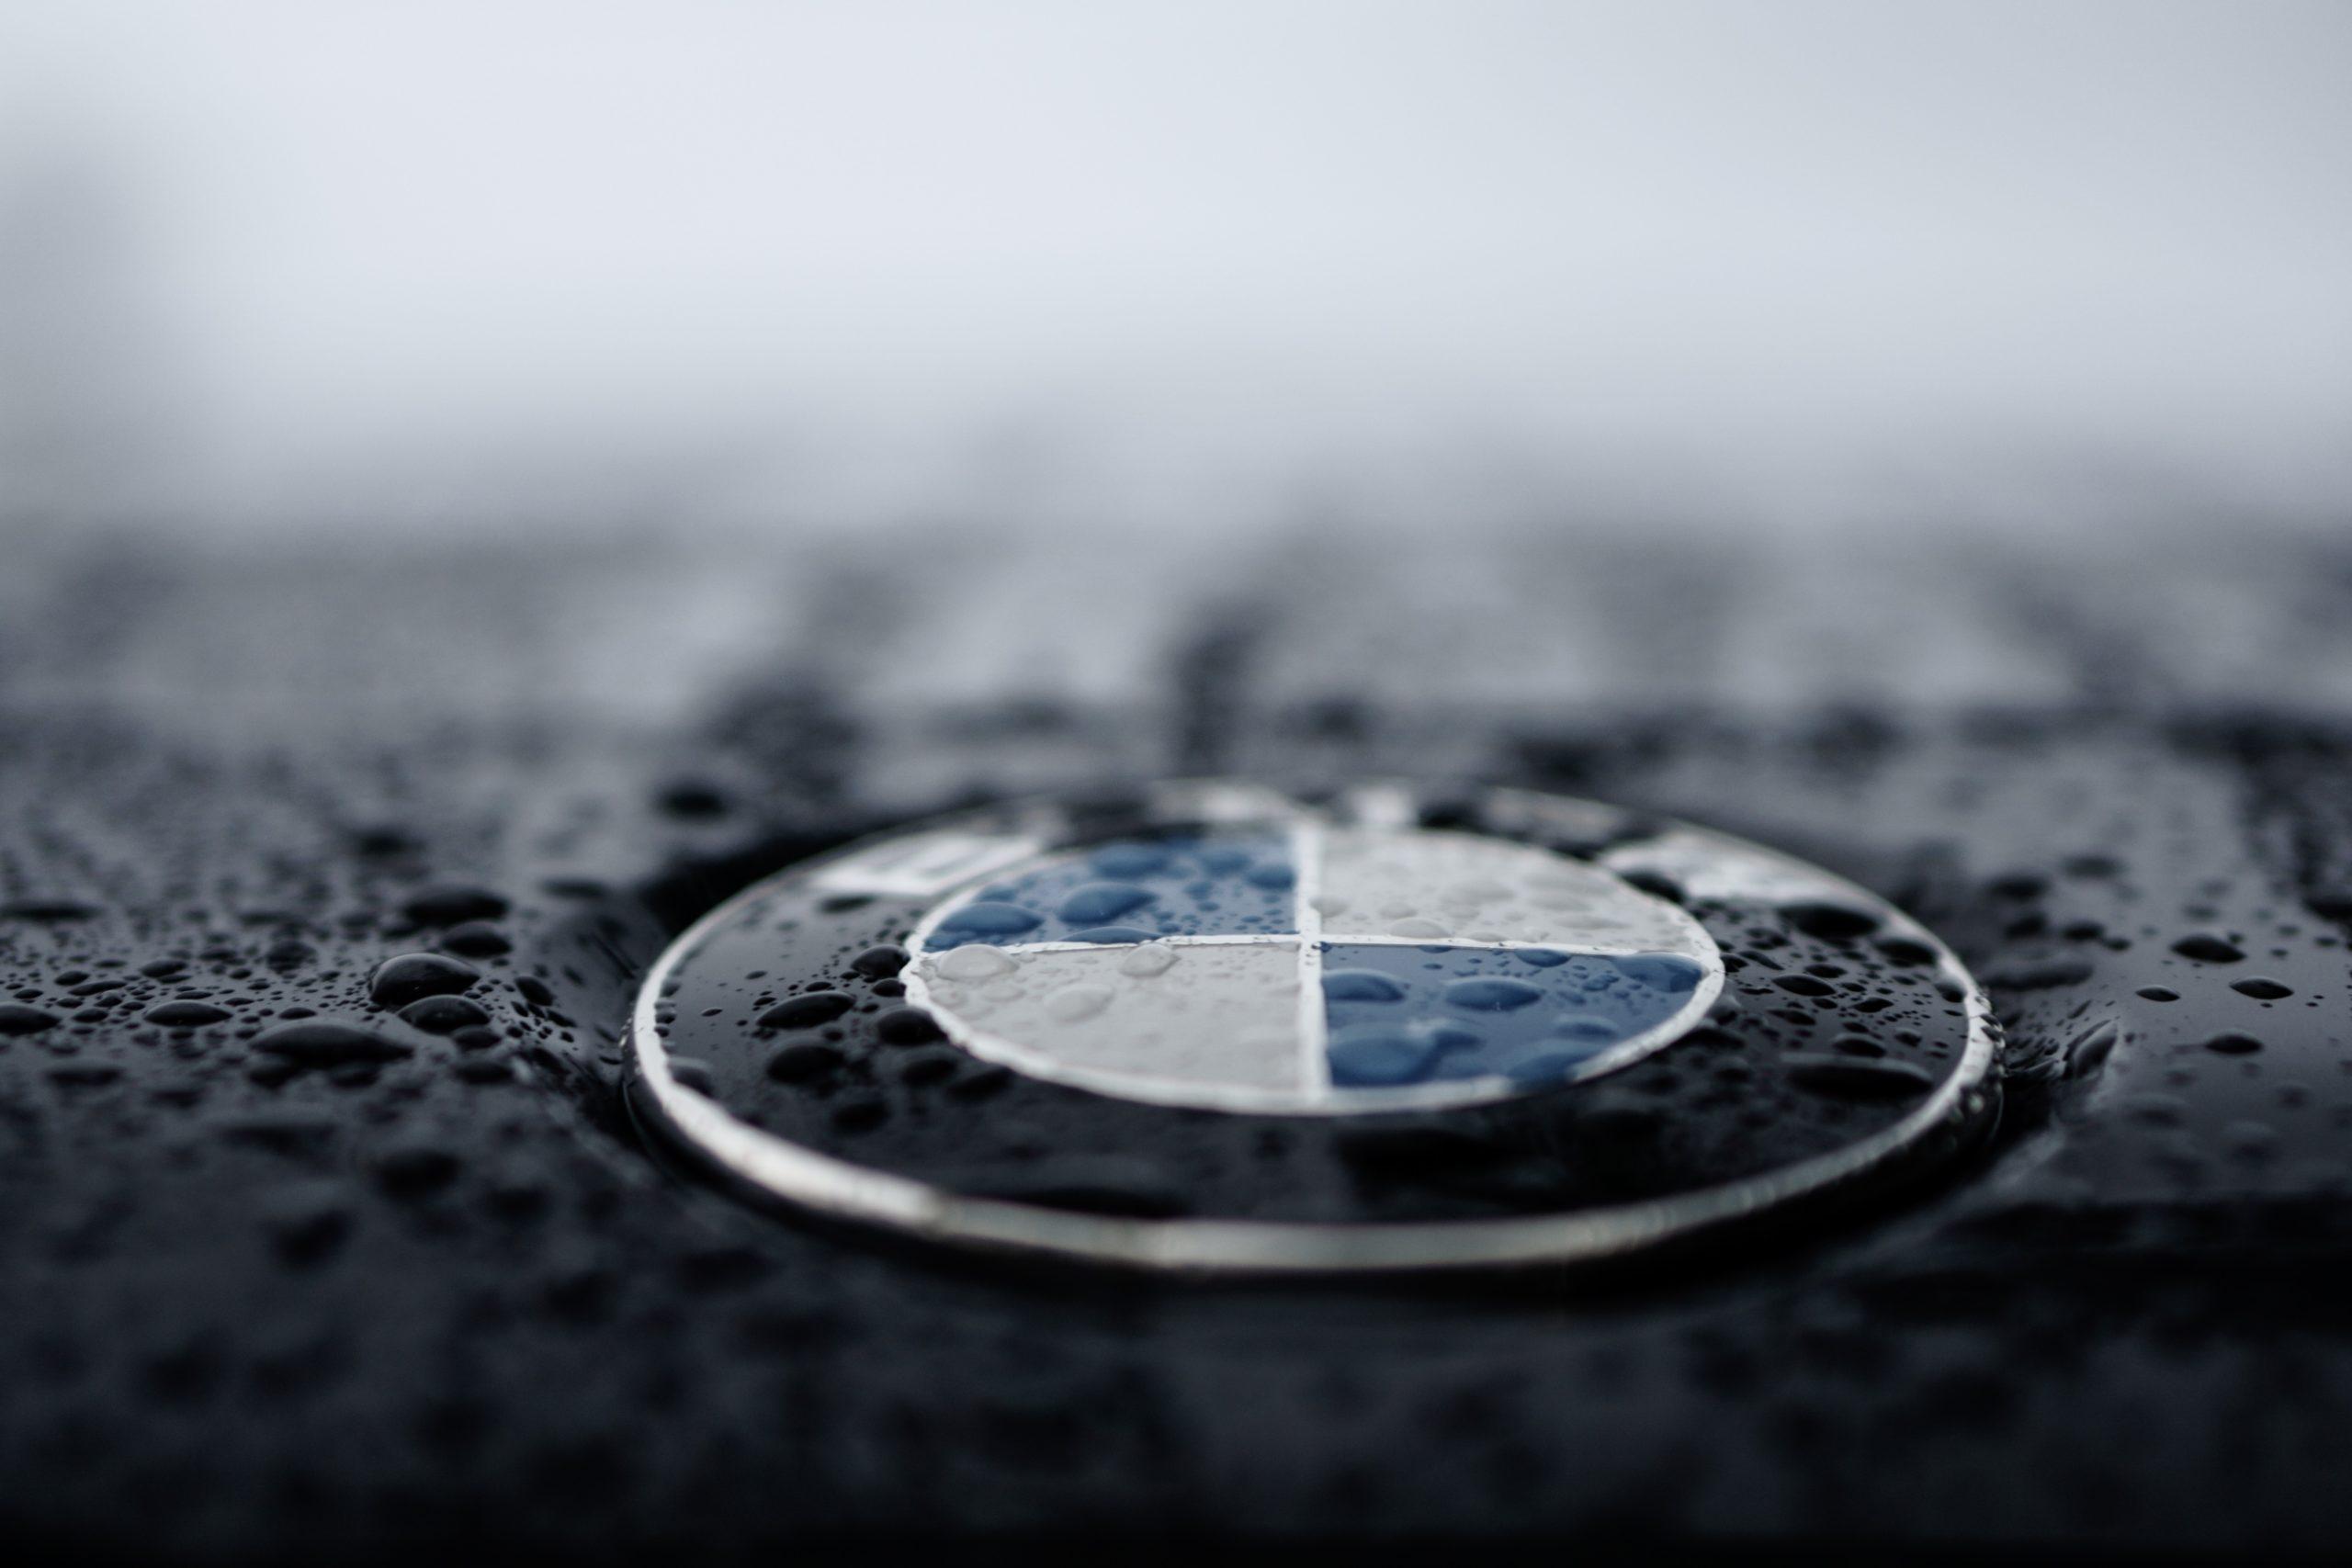 Directivo de BMW dice que reducirán 25% costo de producción por vehículo